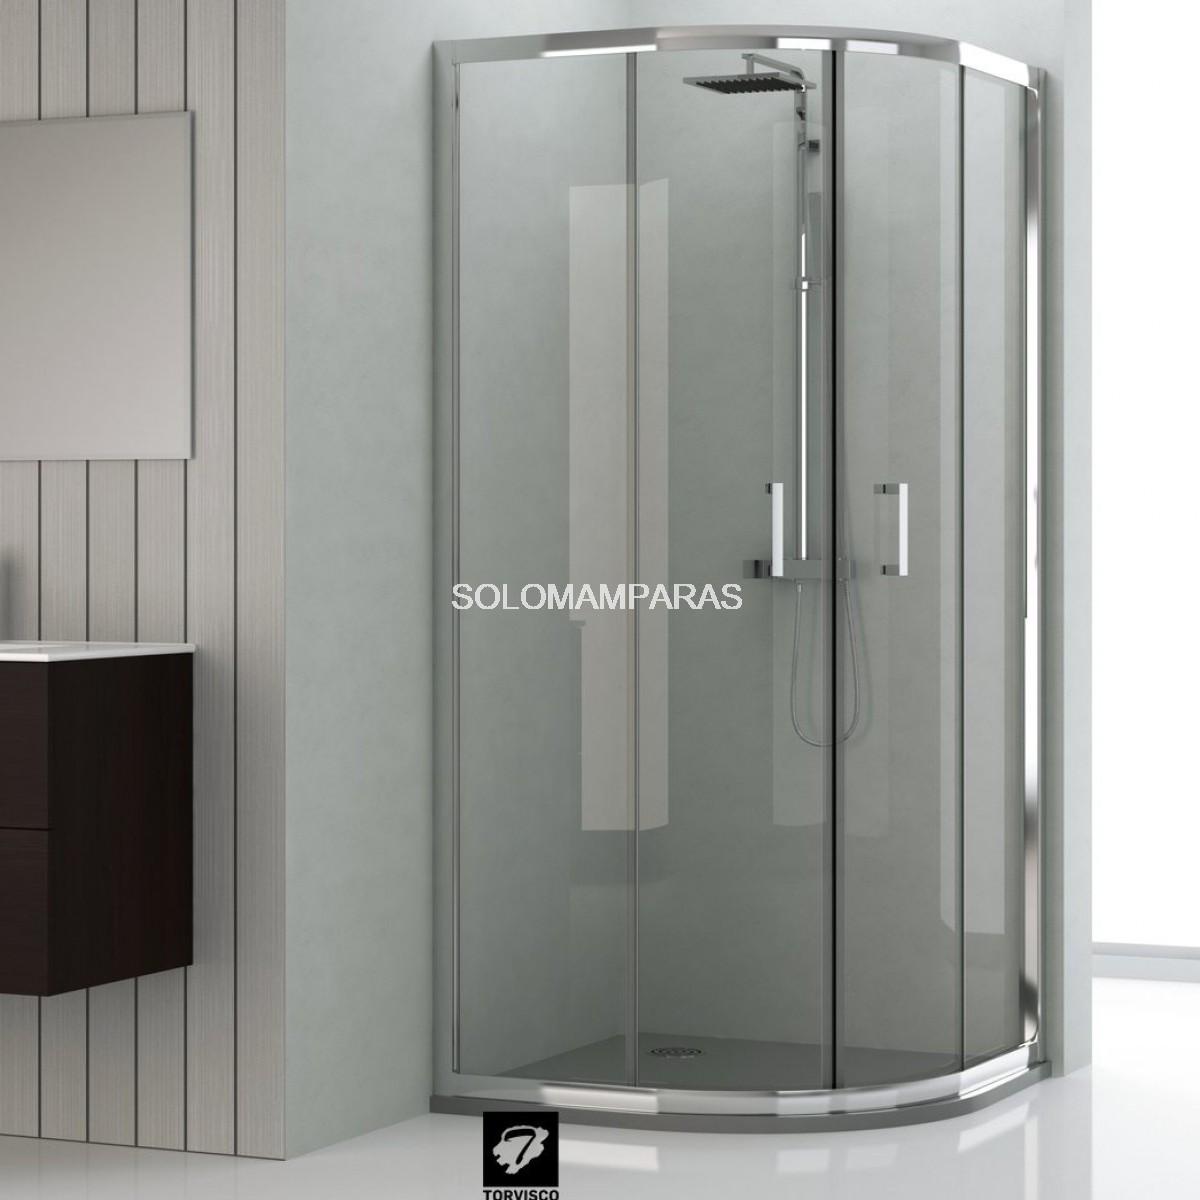 Mamparas de ducha con dibujos best como limpiar la mampara o divisin de ducha consejos de - Como limpiar la mampara de la ducha ...